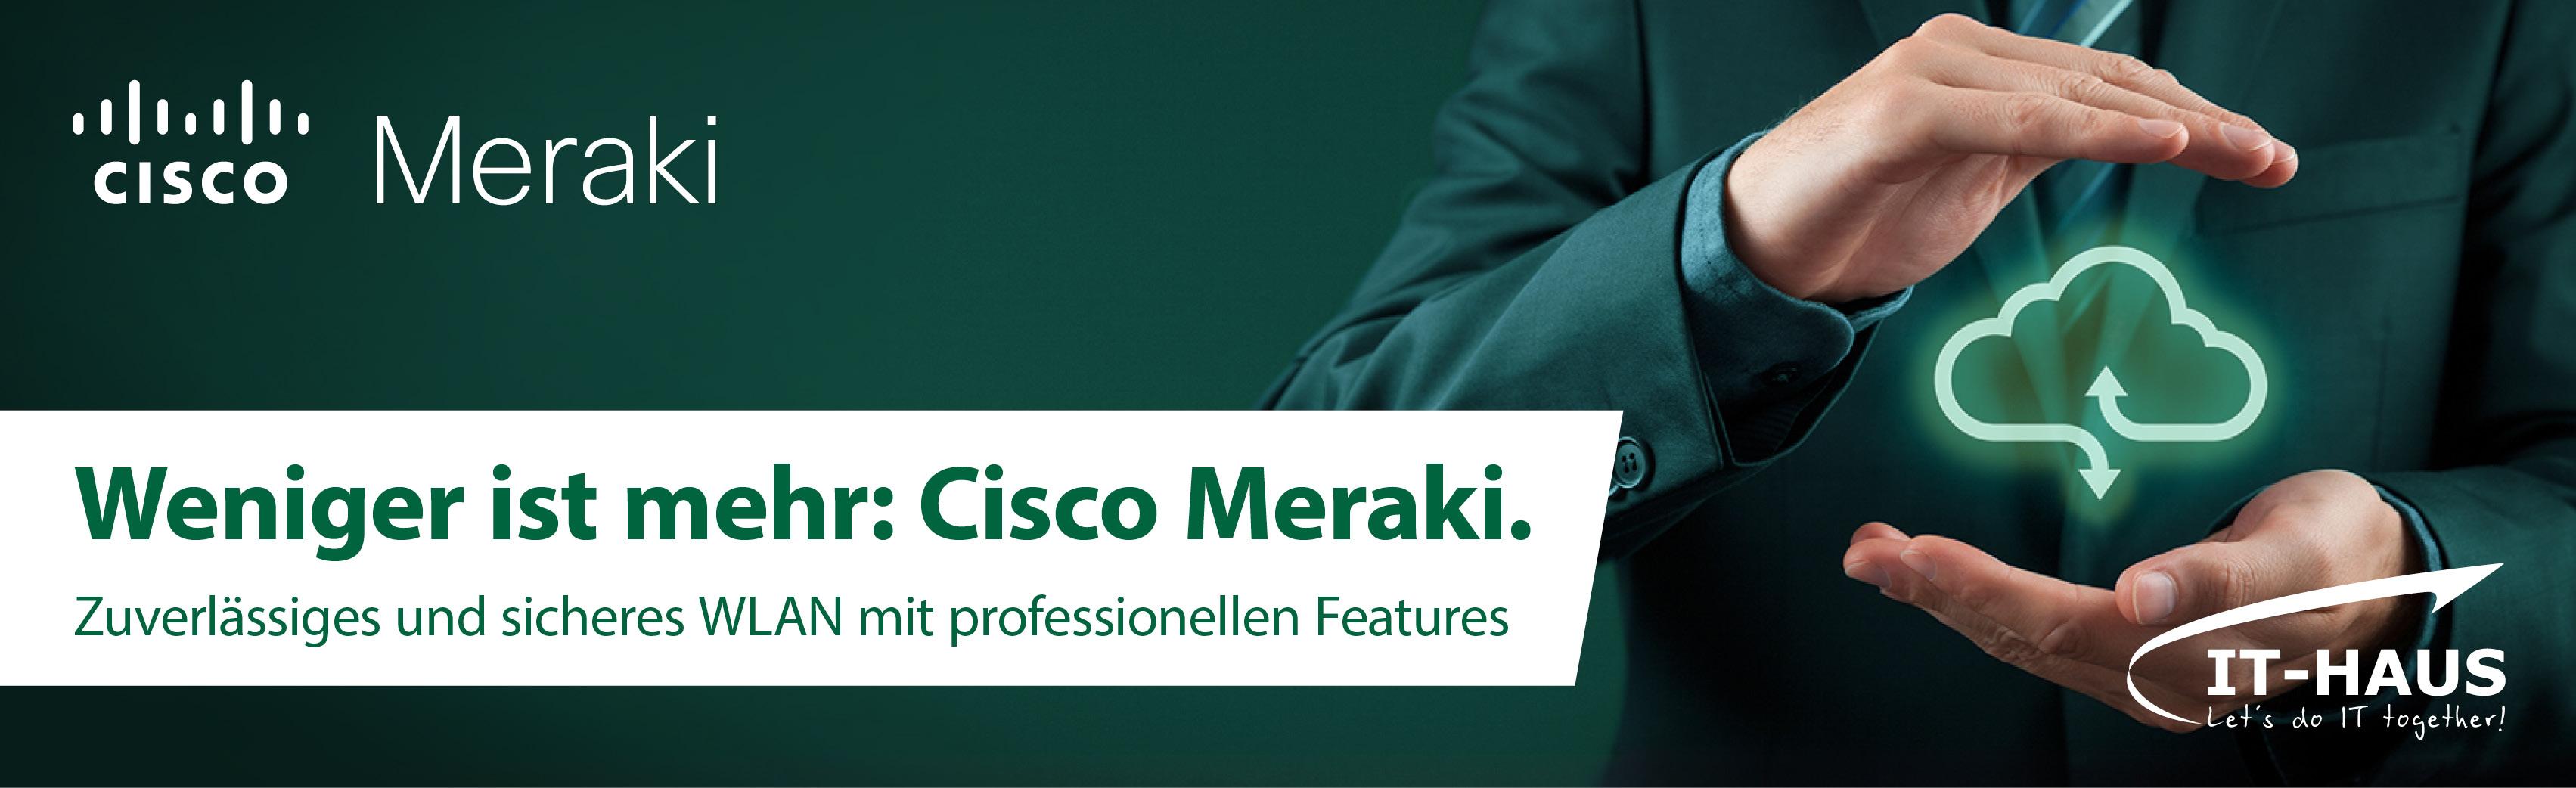 Cisco Meraki Banner